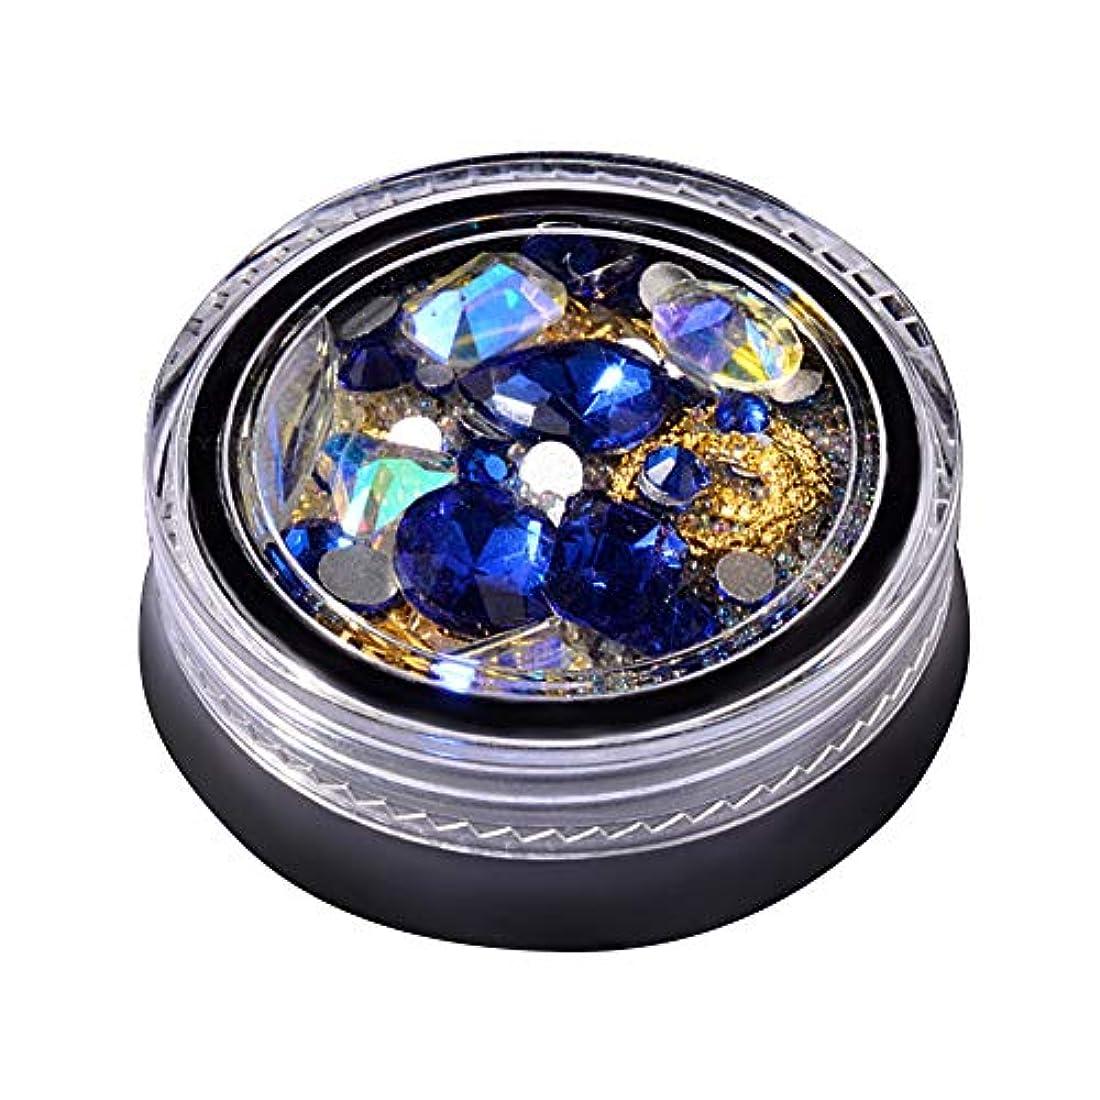 用量レタス実業家ネイルジュエリーネイルダイヤモンド形の多面的な創造的な装飾的な模造ダイヤモンドドリルダイヤモンドは青のDIYネイルアートツールセットの小道具